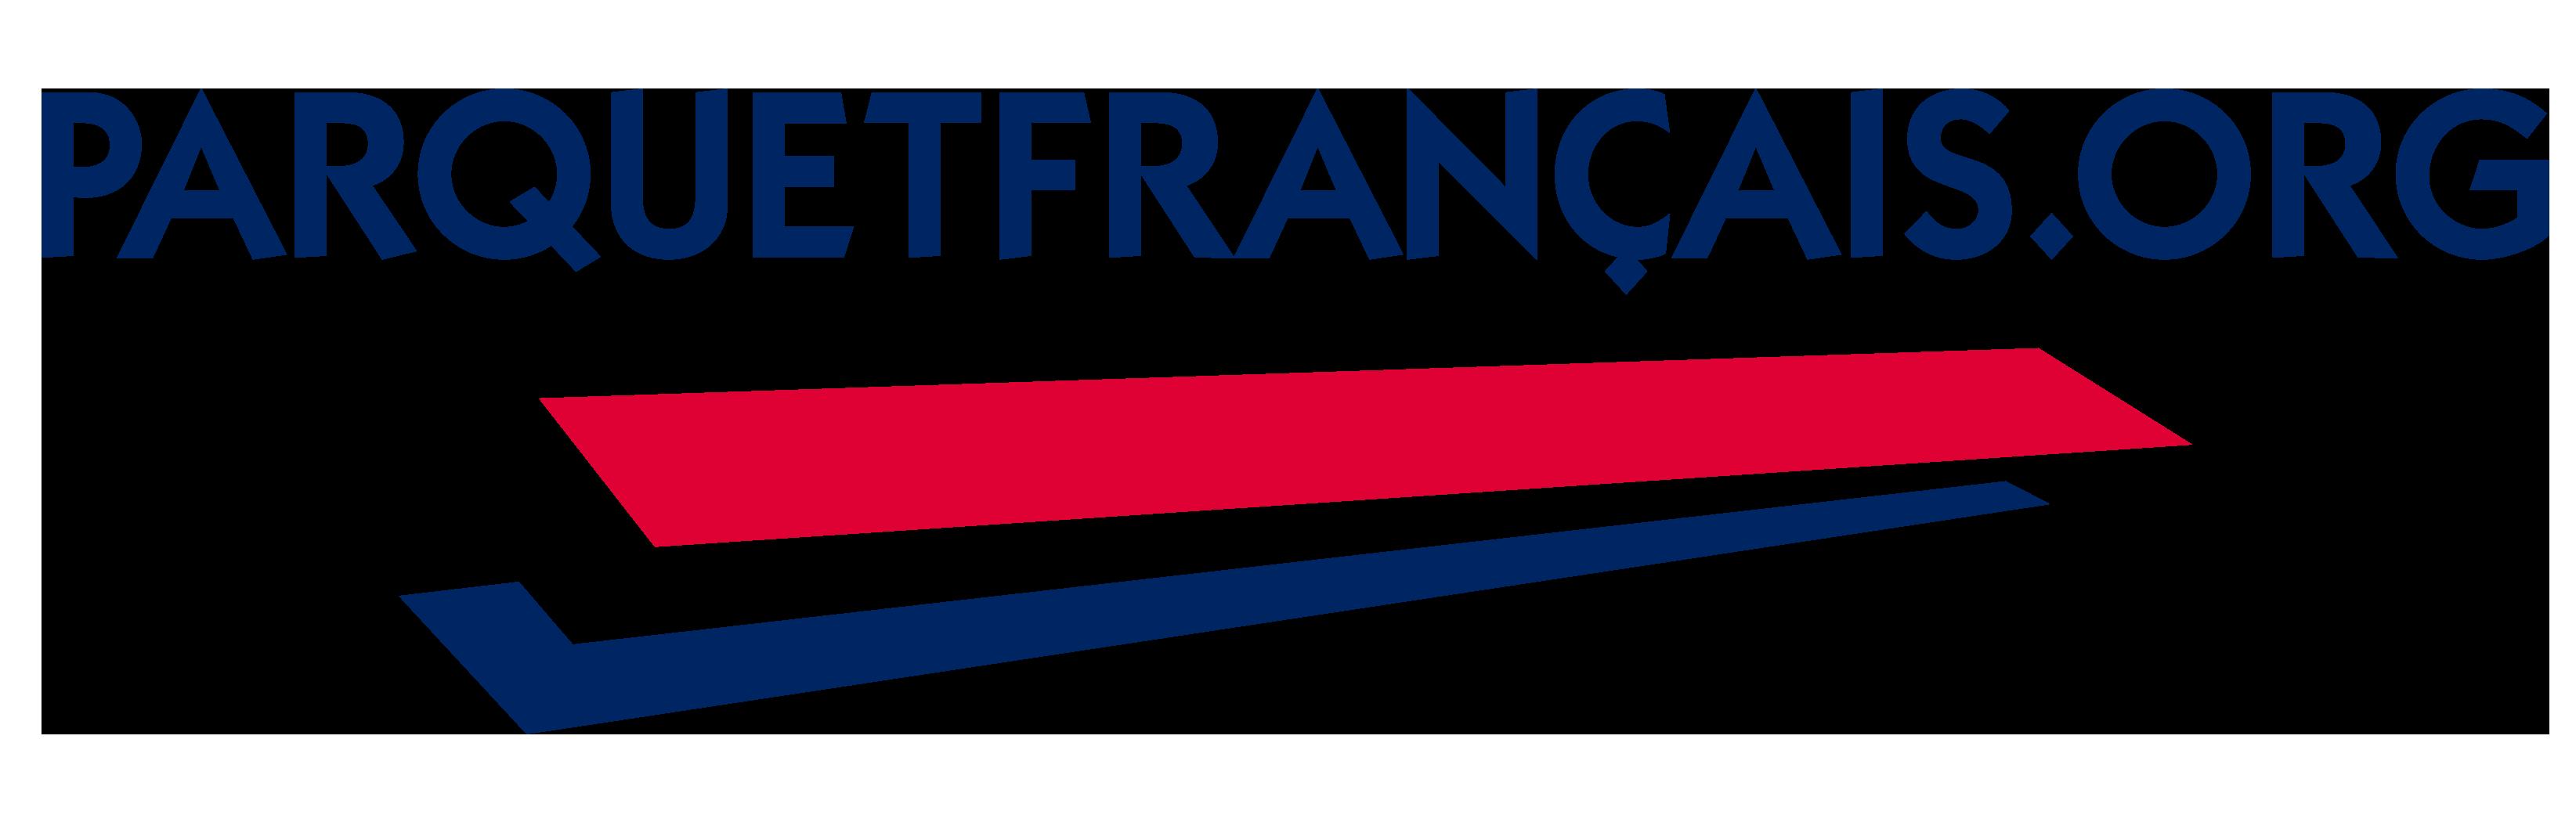 LOGO_PARQUET_FRANCAIS_RVB